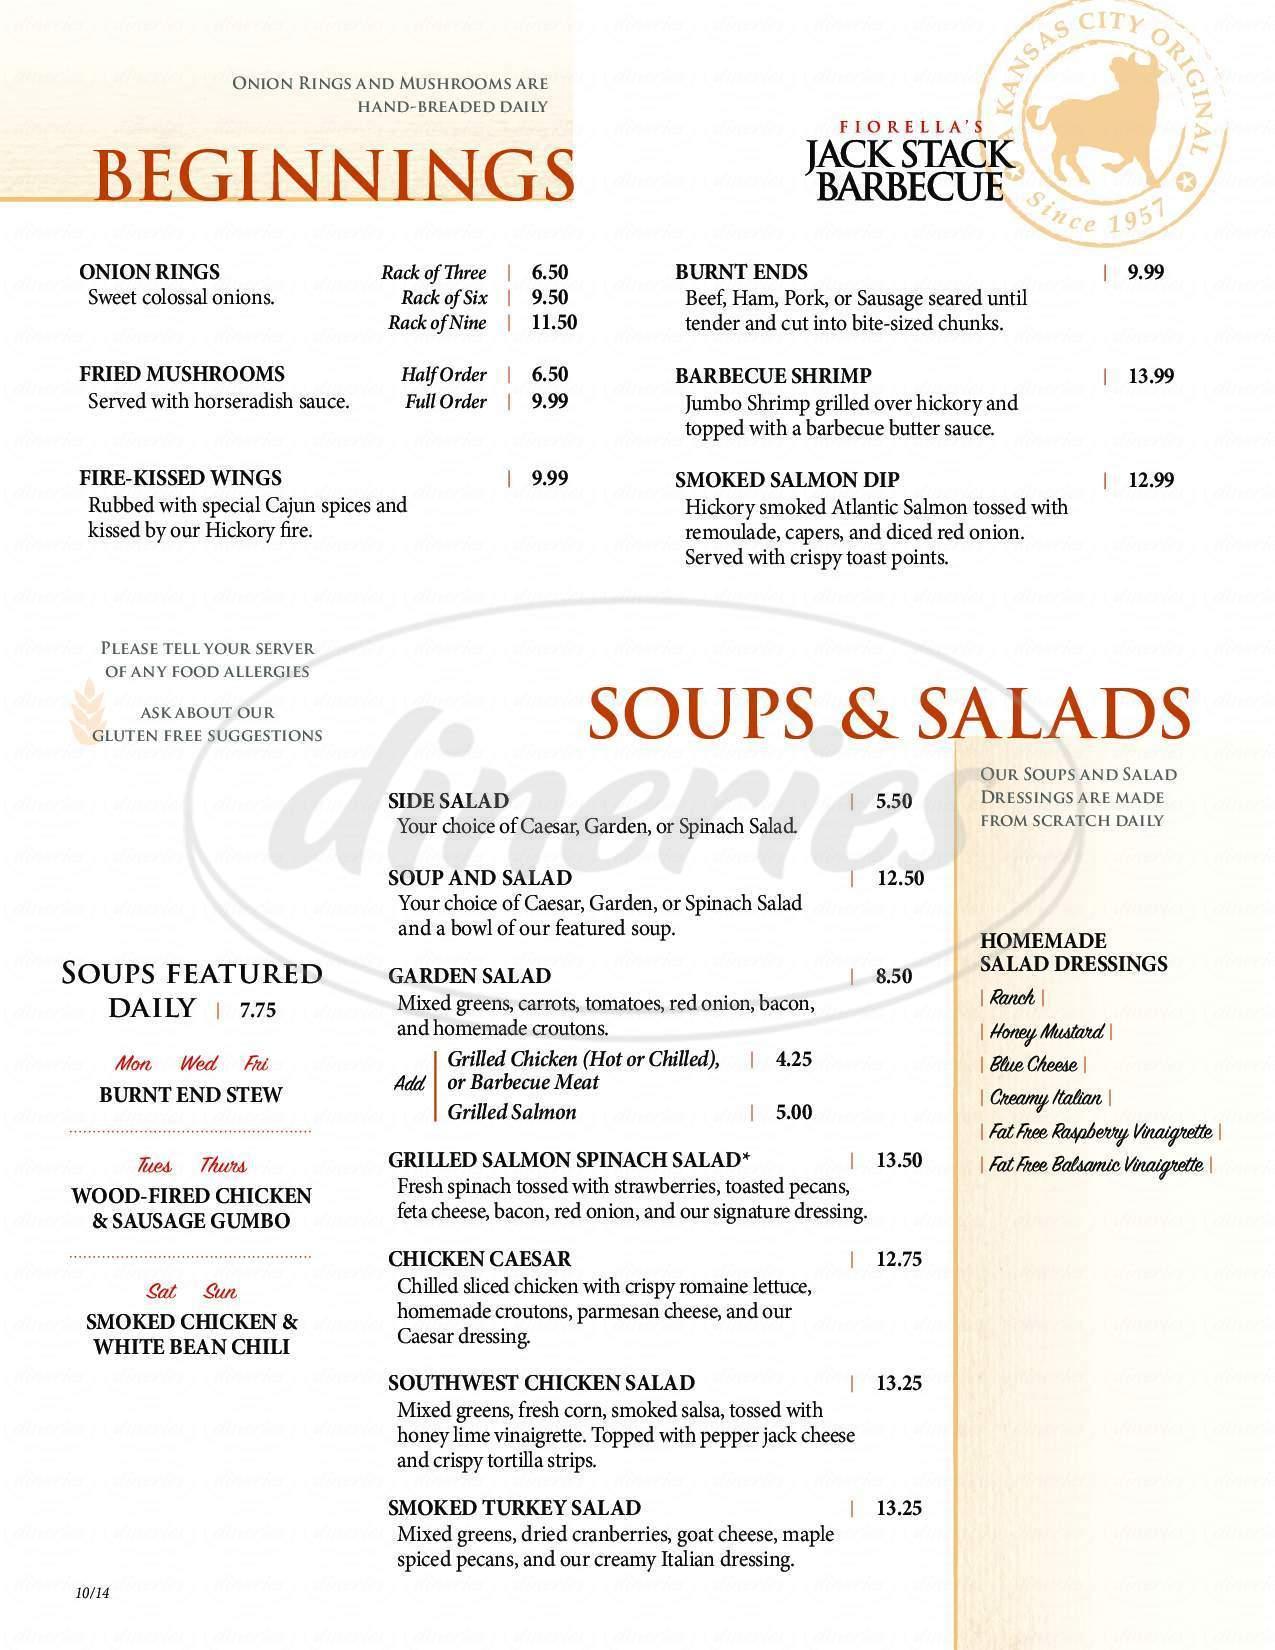 menu for Fiorella's Jack Stack Barbecue